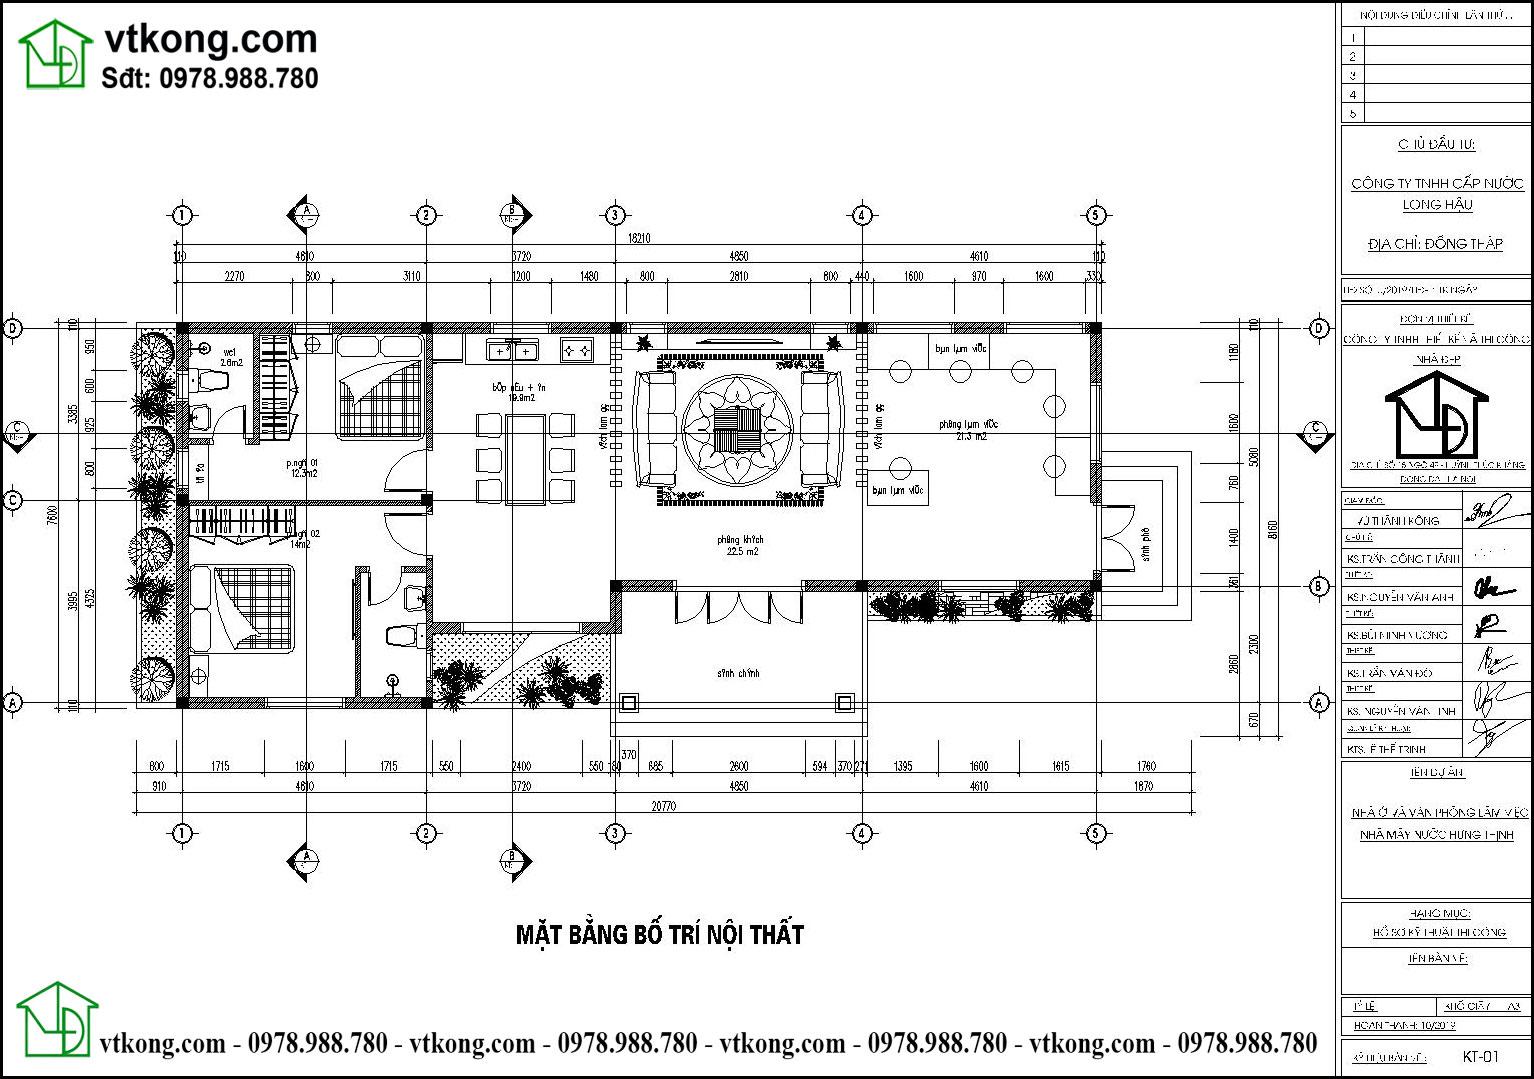 Thiết Kế Nhà Cấp 4 20x8m 2 Phòng Ngủ Tại Quảng Ninh Nc473